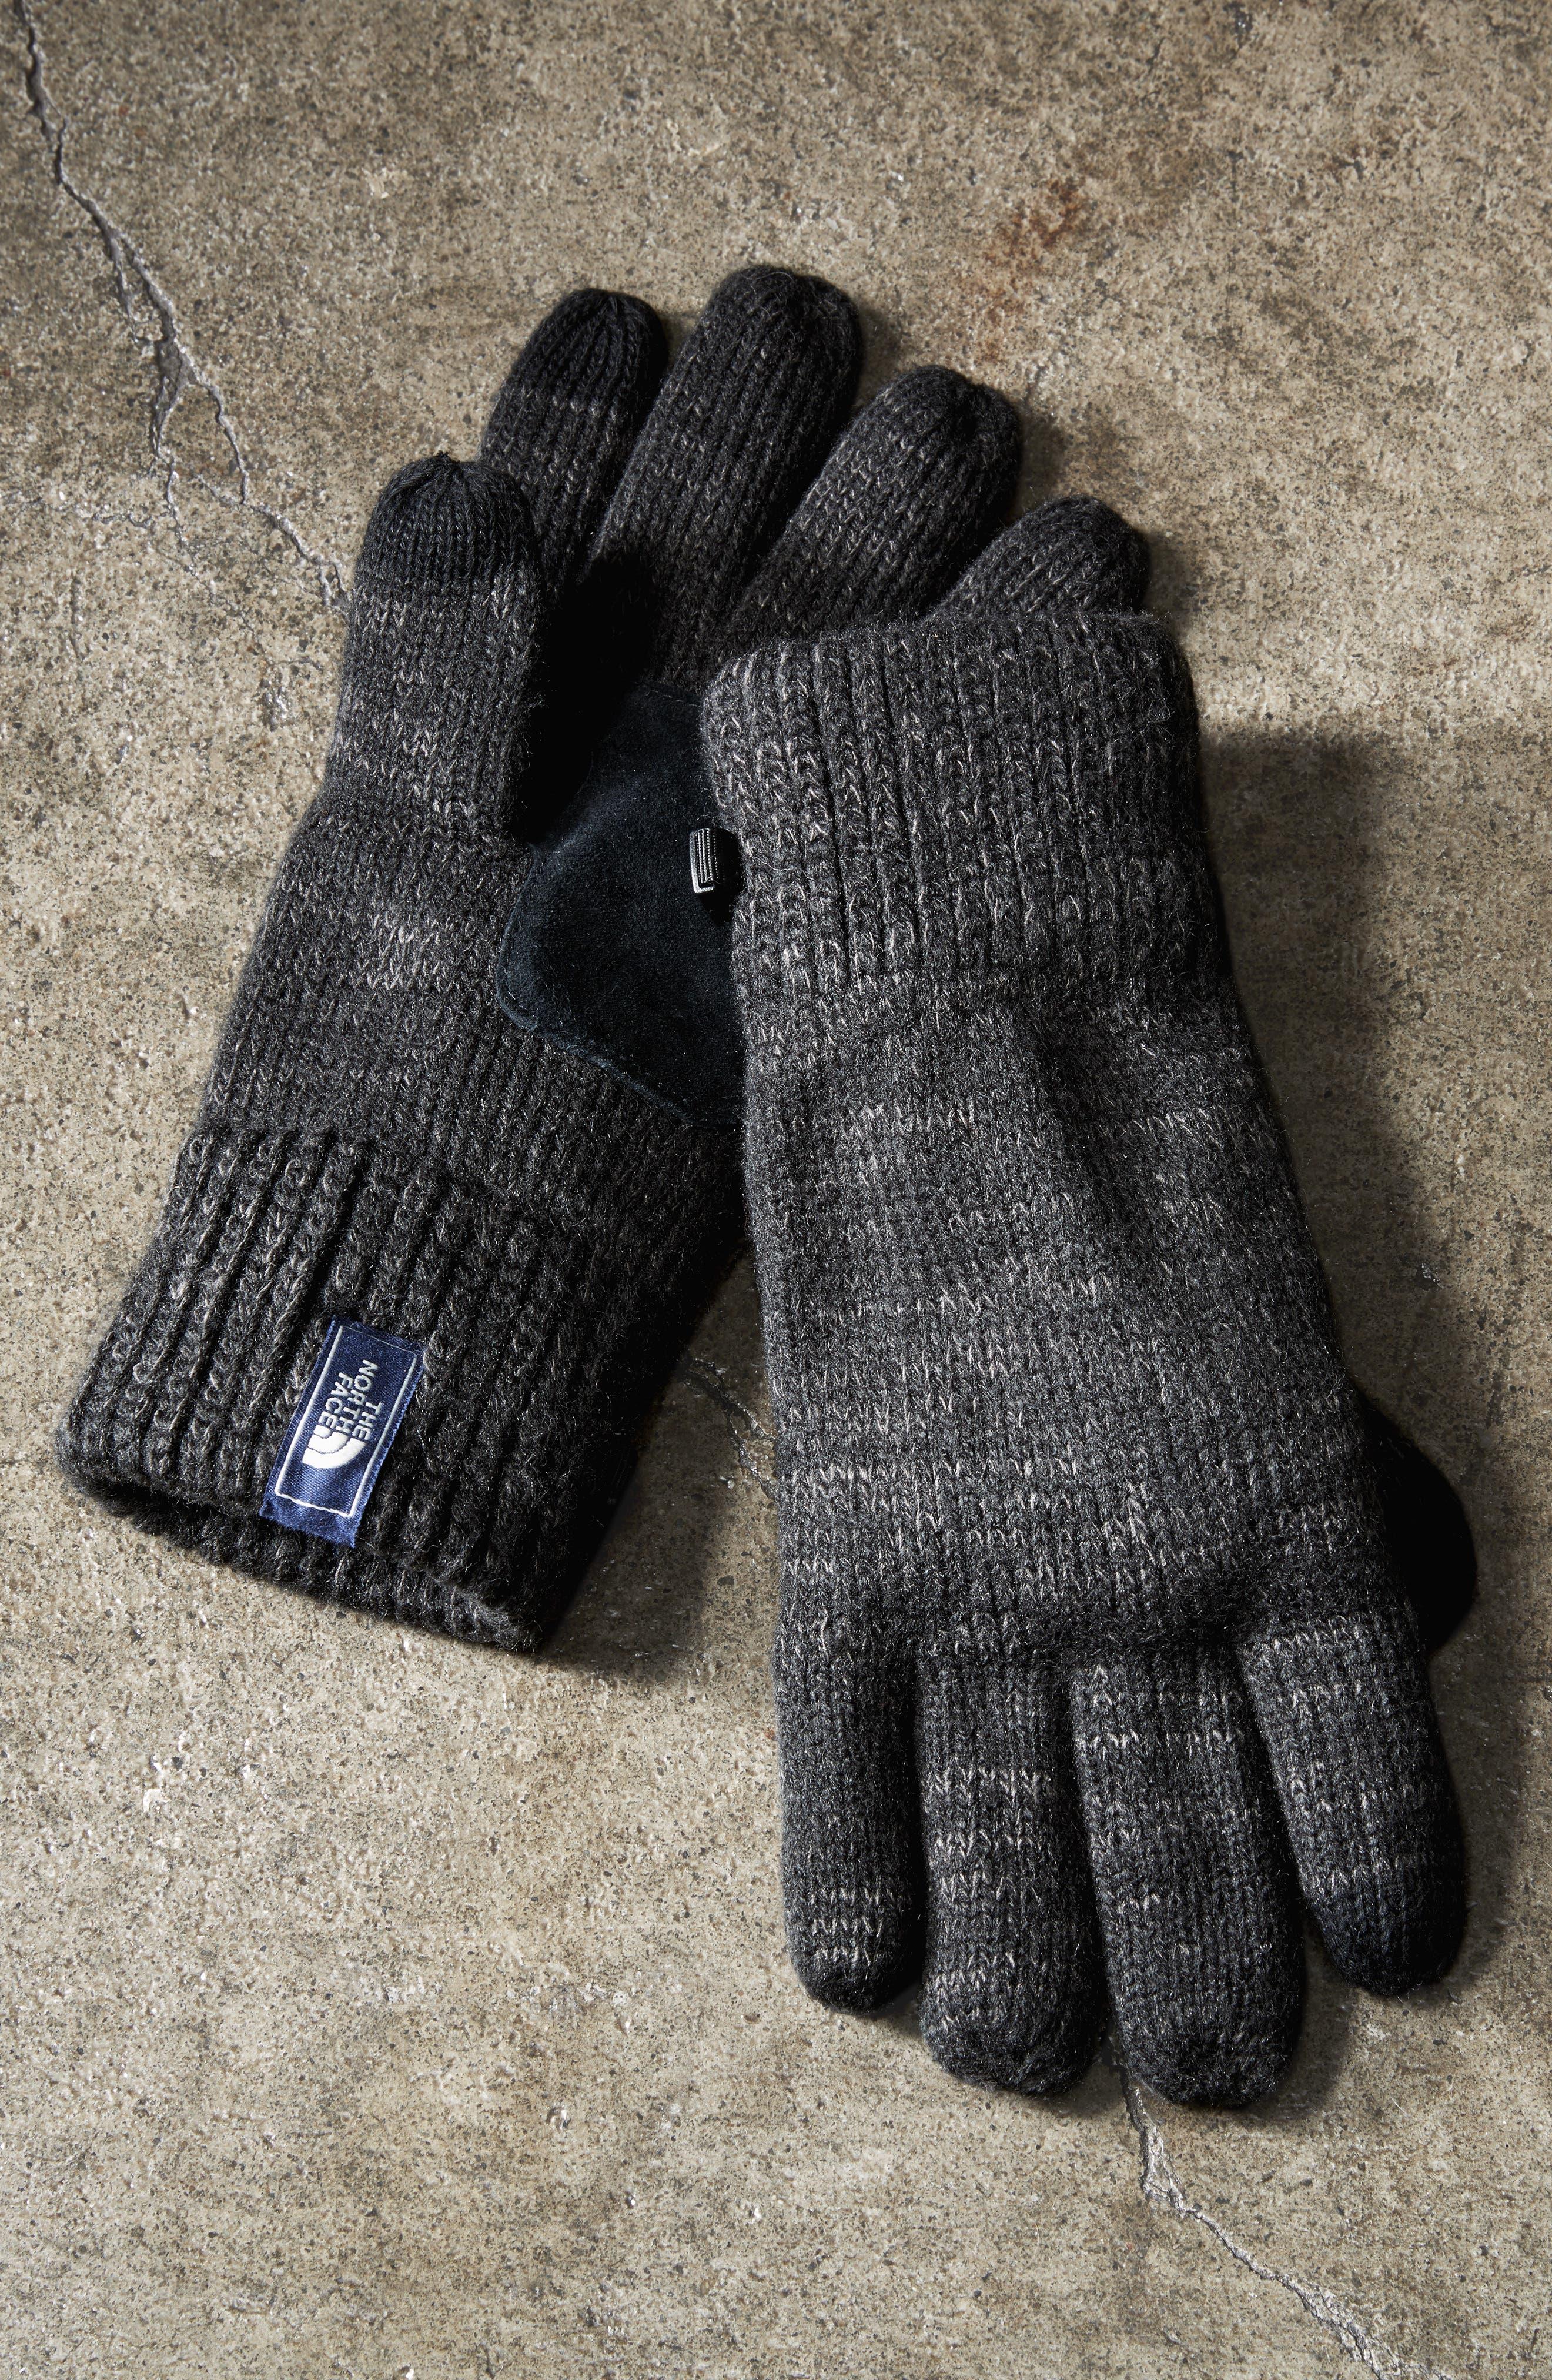 Etip Salty Dog Knit Tech Gloves,                             Alternate thumbnail 4, color,                             TNF BLACK